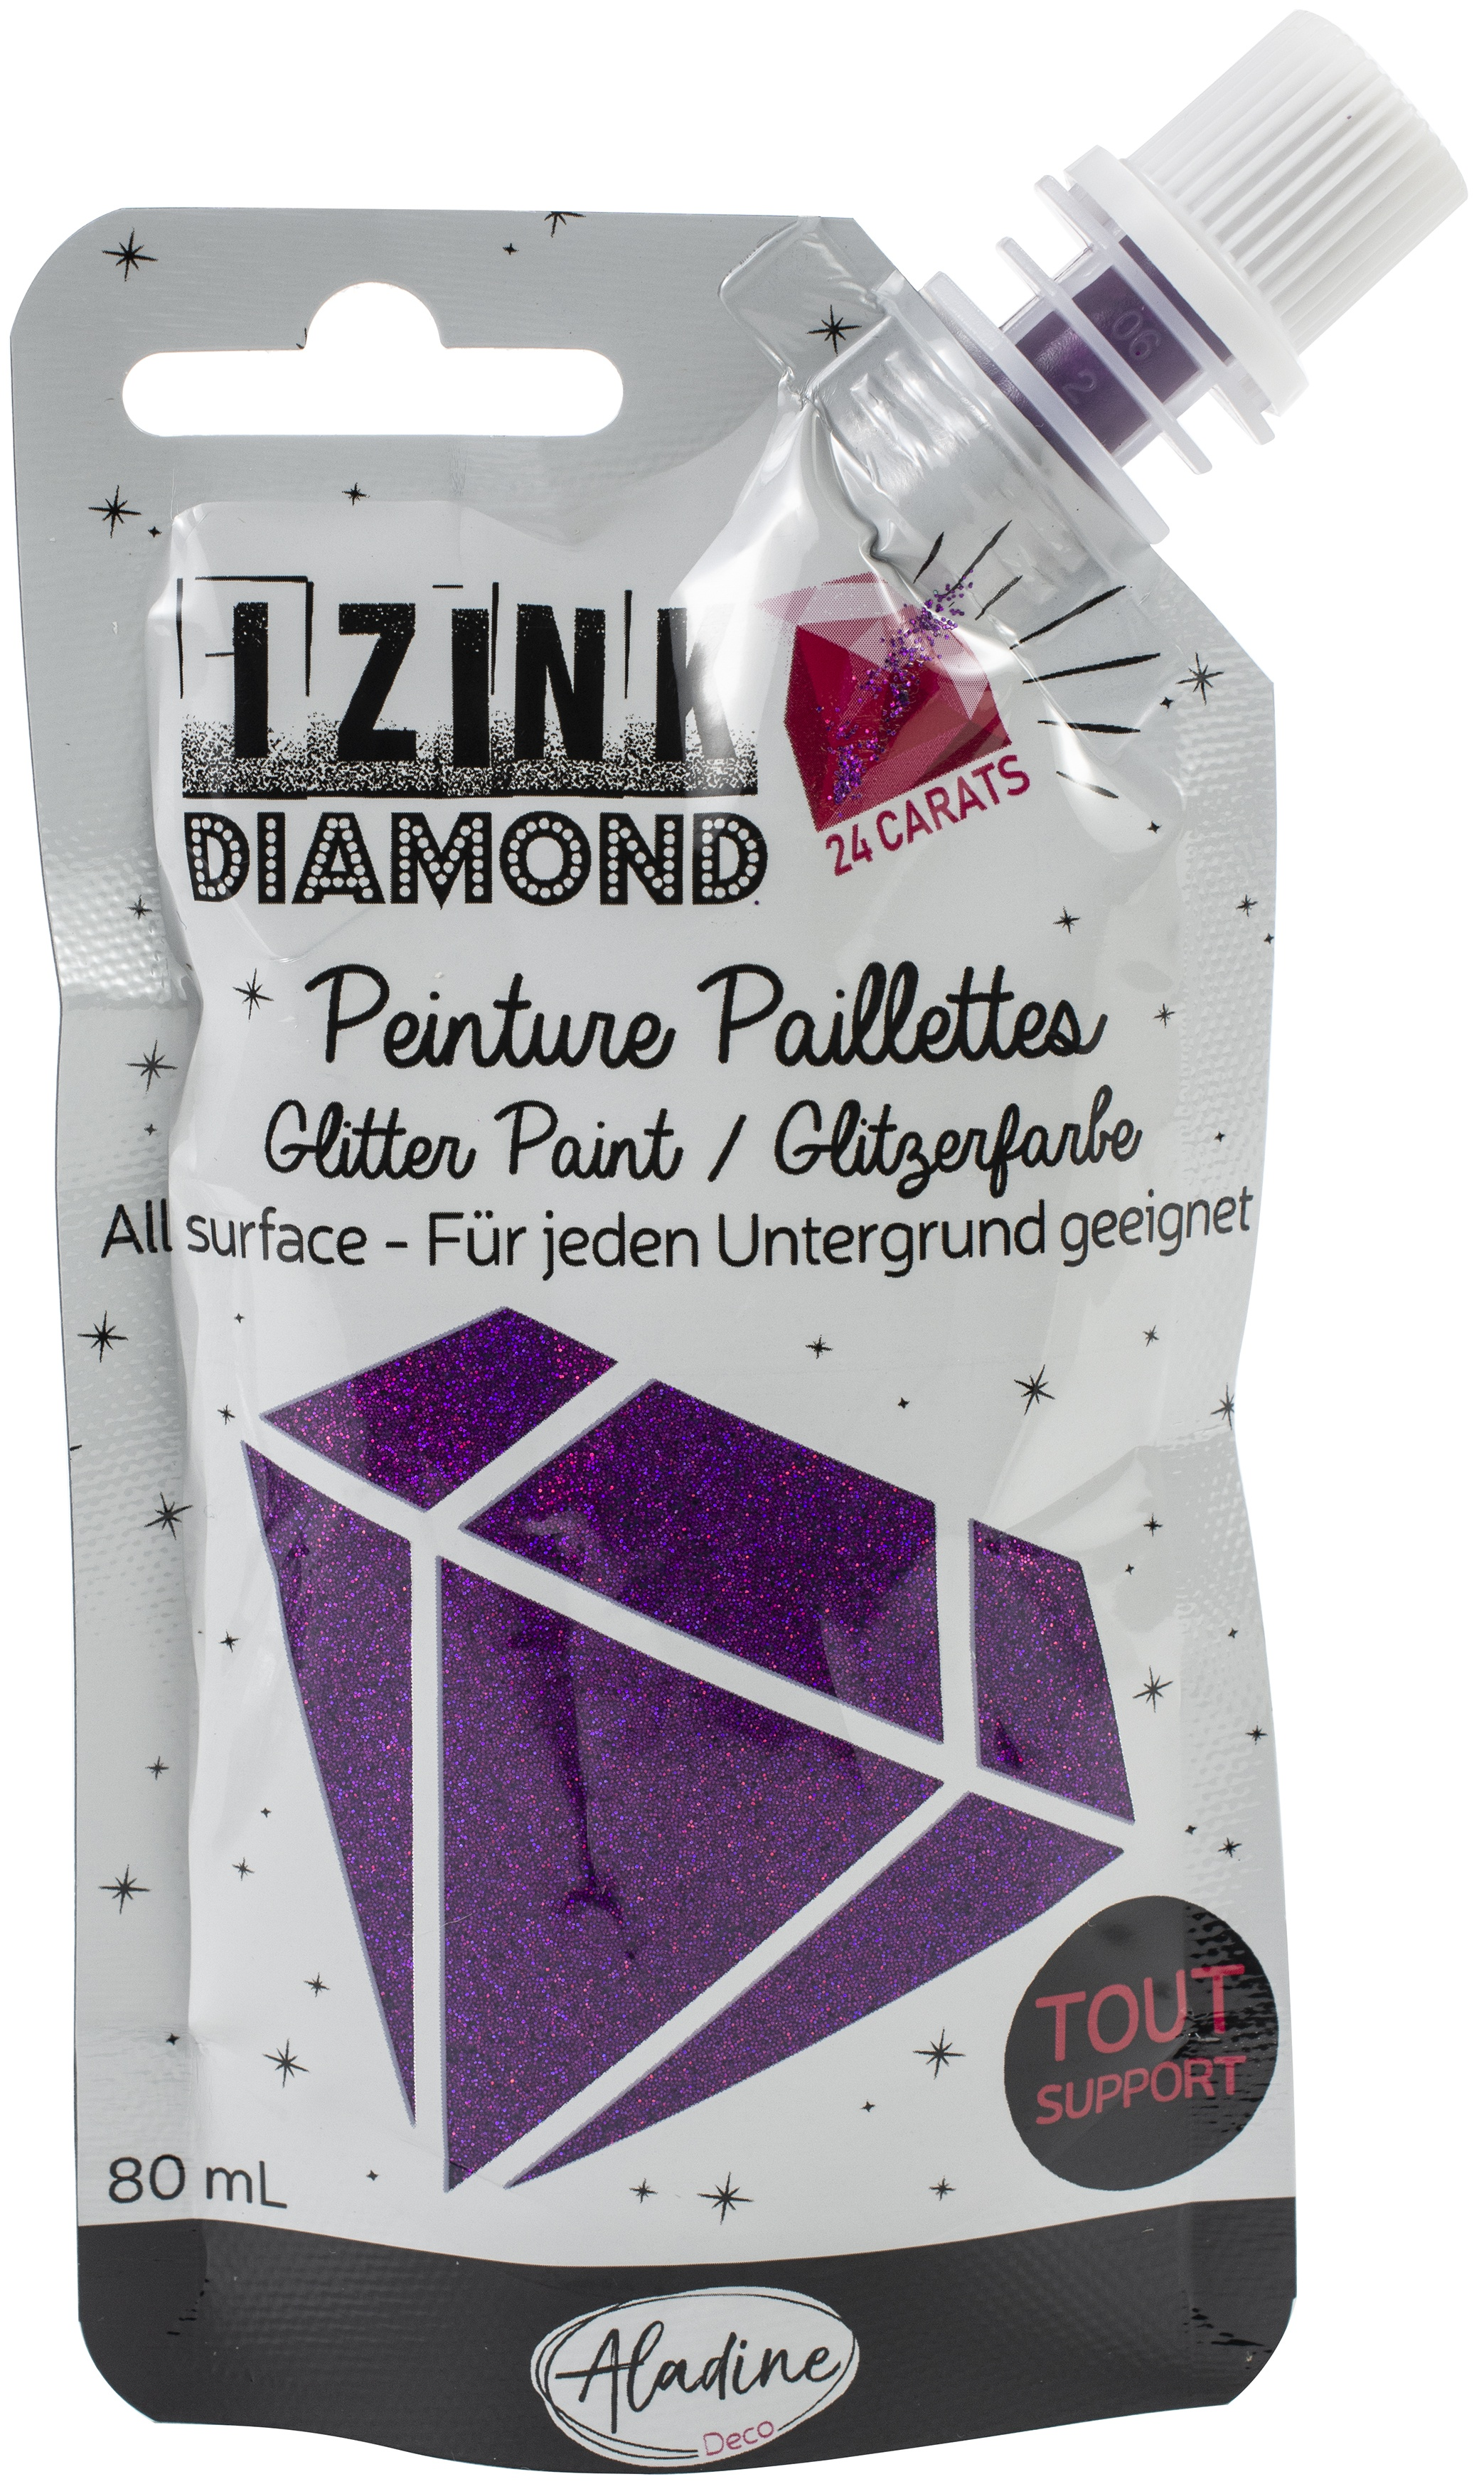 IZINK Diamond 24 Carats Glitter Paint 80ml-Purple